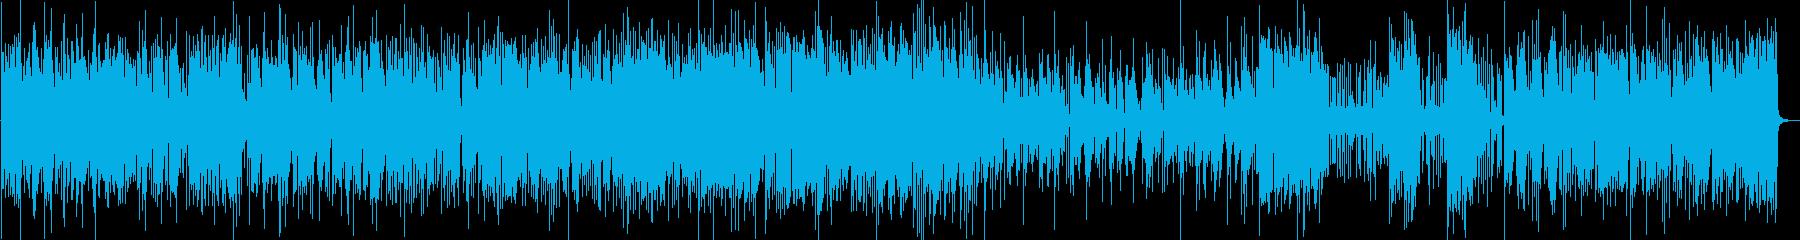 軽快なジャズピアノ の再生済みの波形